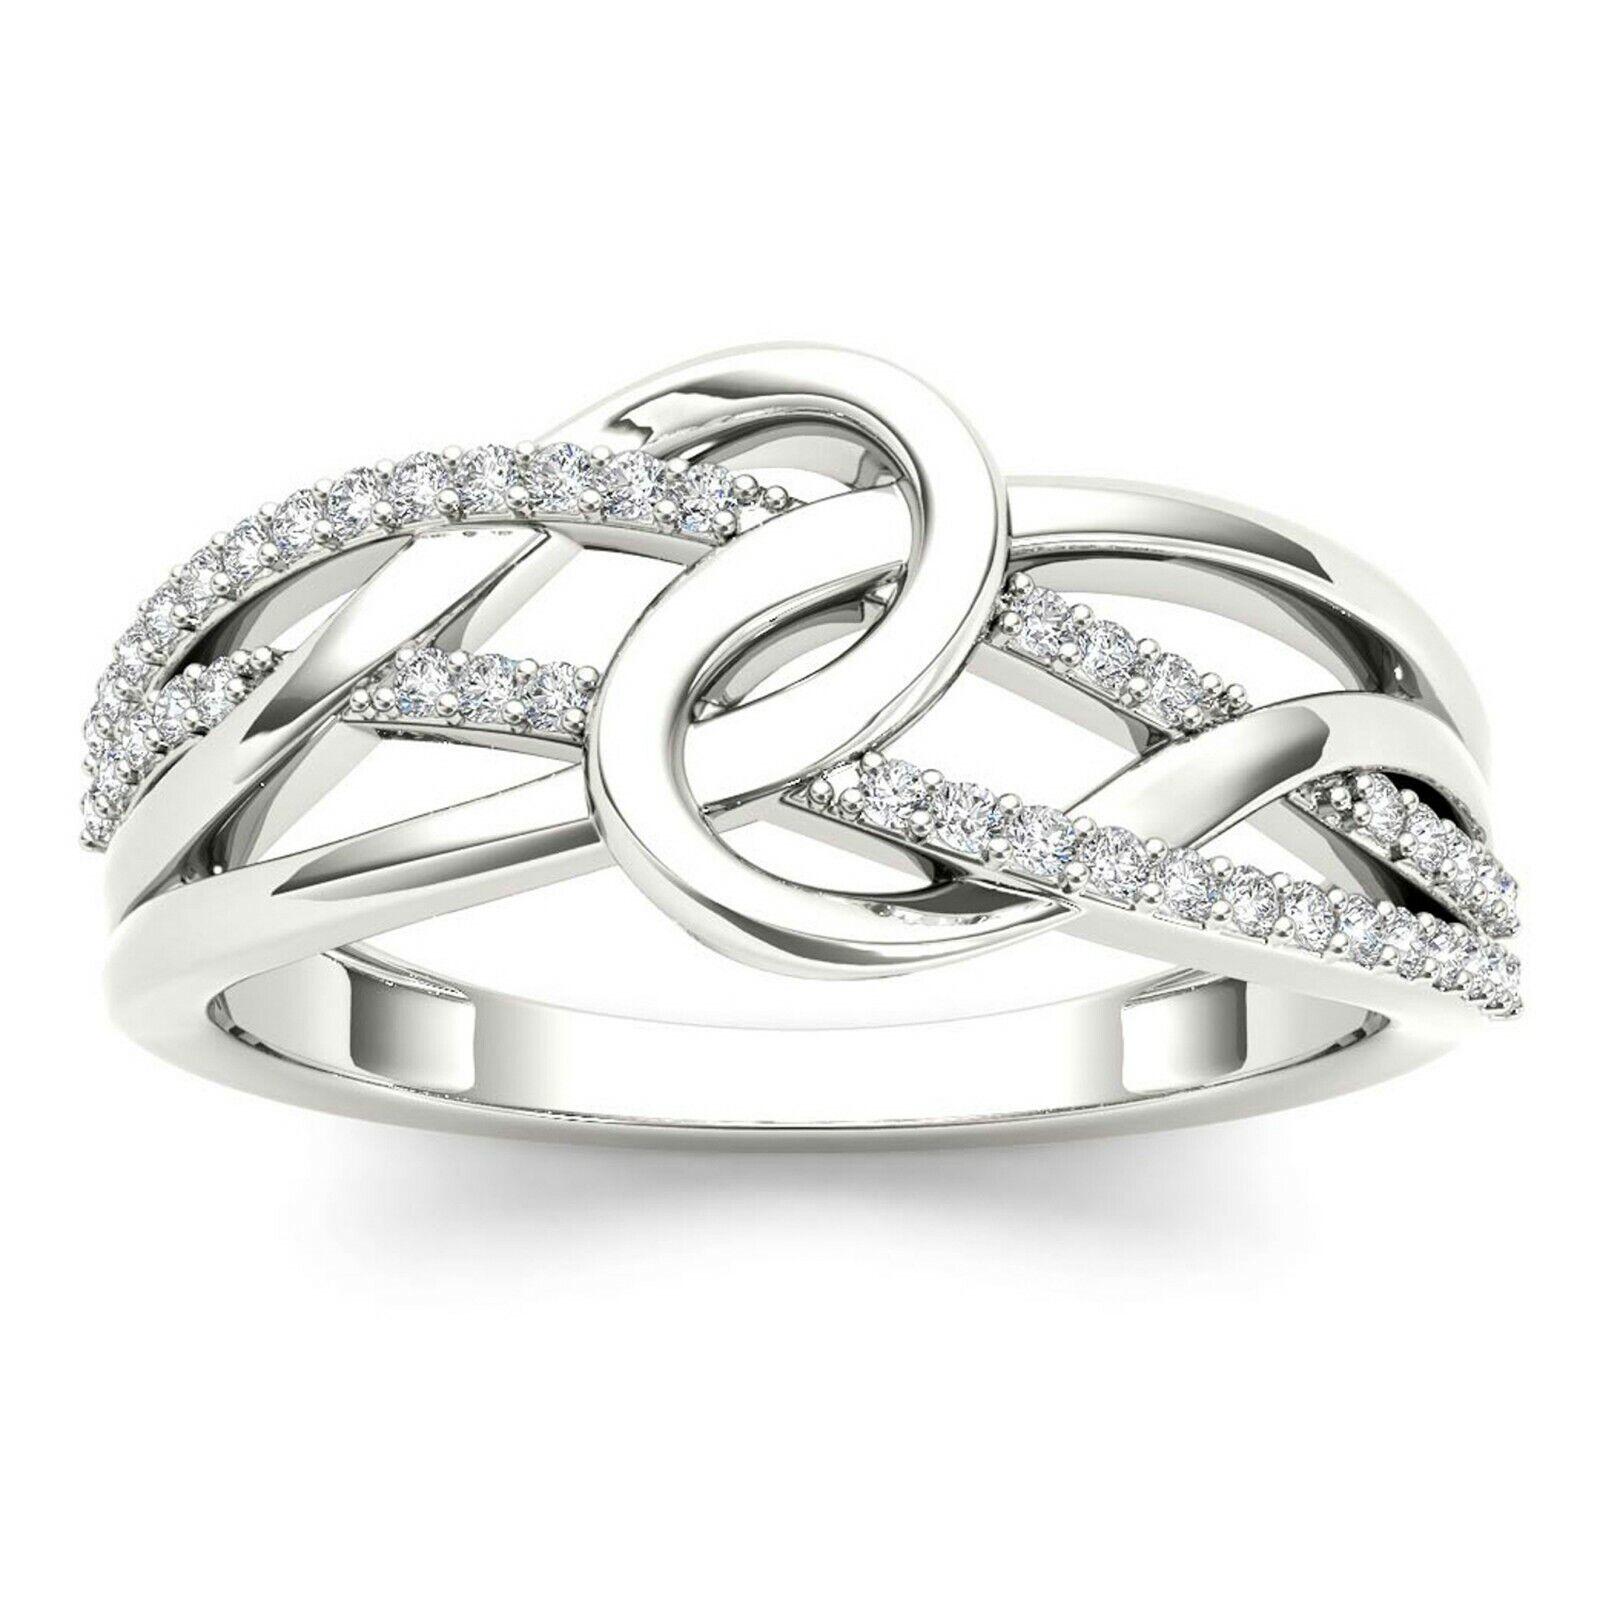 IGI Certified 10k White gold 0.17 Ct Natural Diamond Fashion Engagement Ring